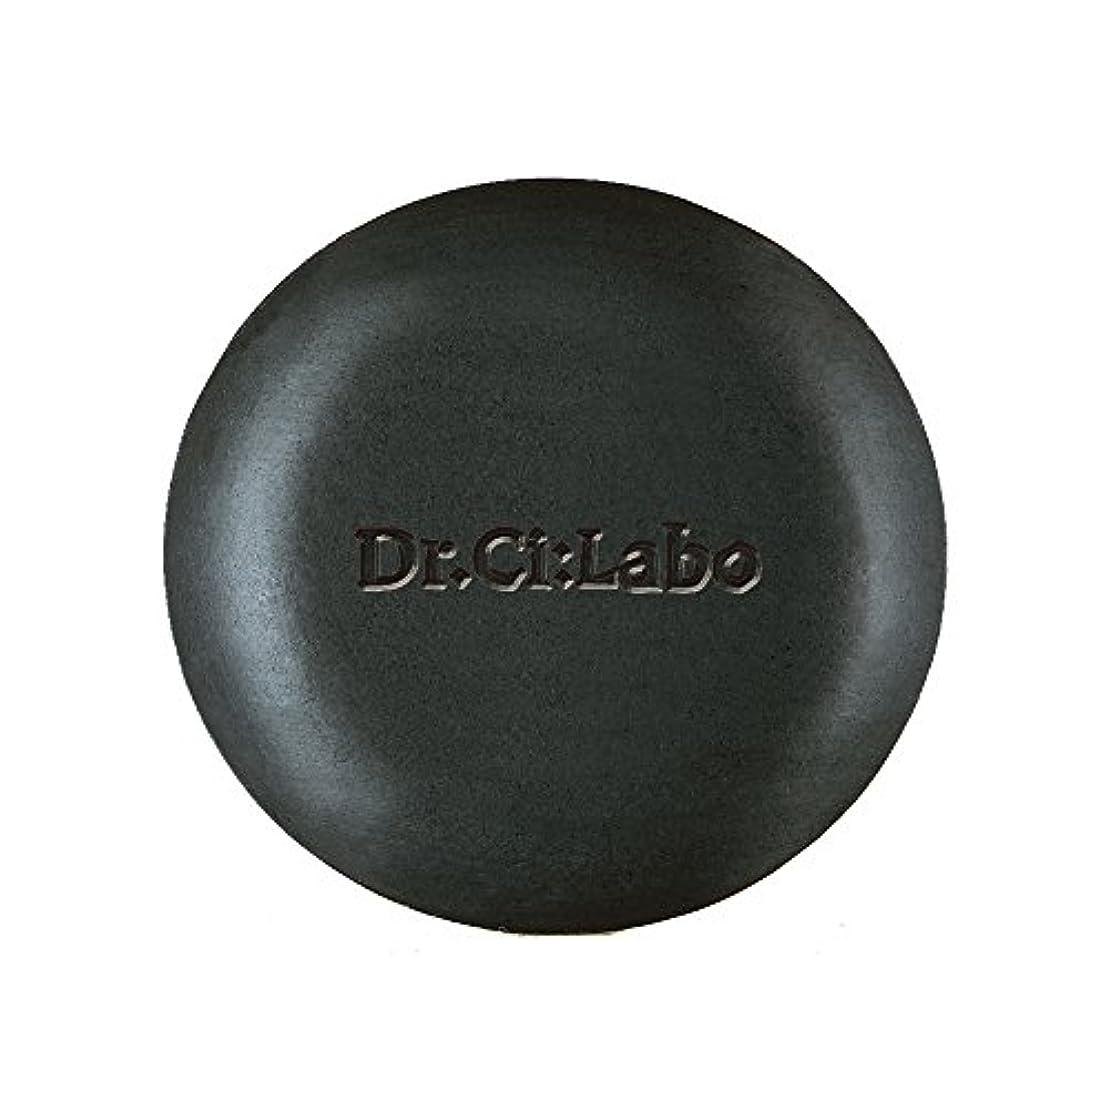 くま最も早いシーズンドクターシーラボ 薬用アクネレスソープ ニキビ予防用 100g 洗顔せっけん [医薬部外品]